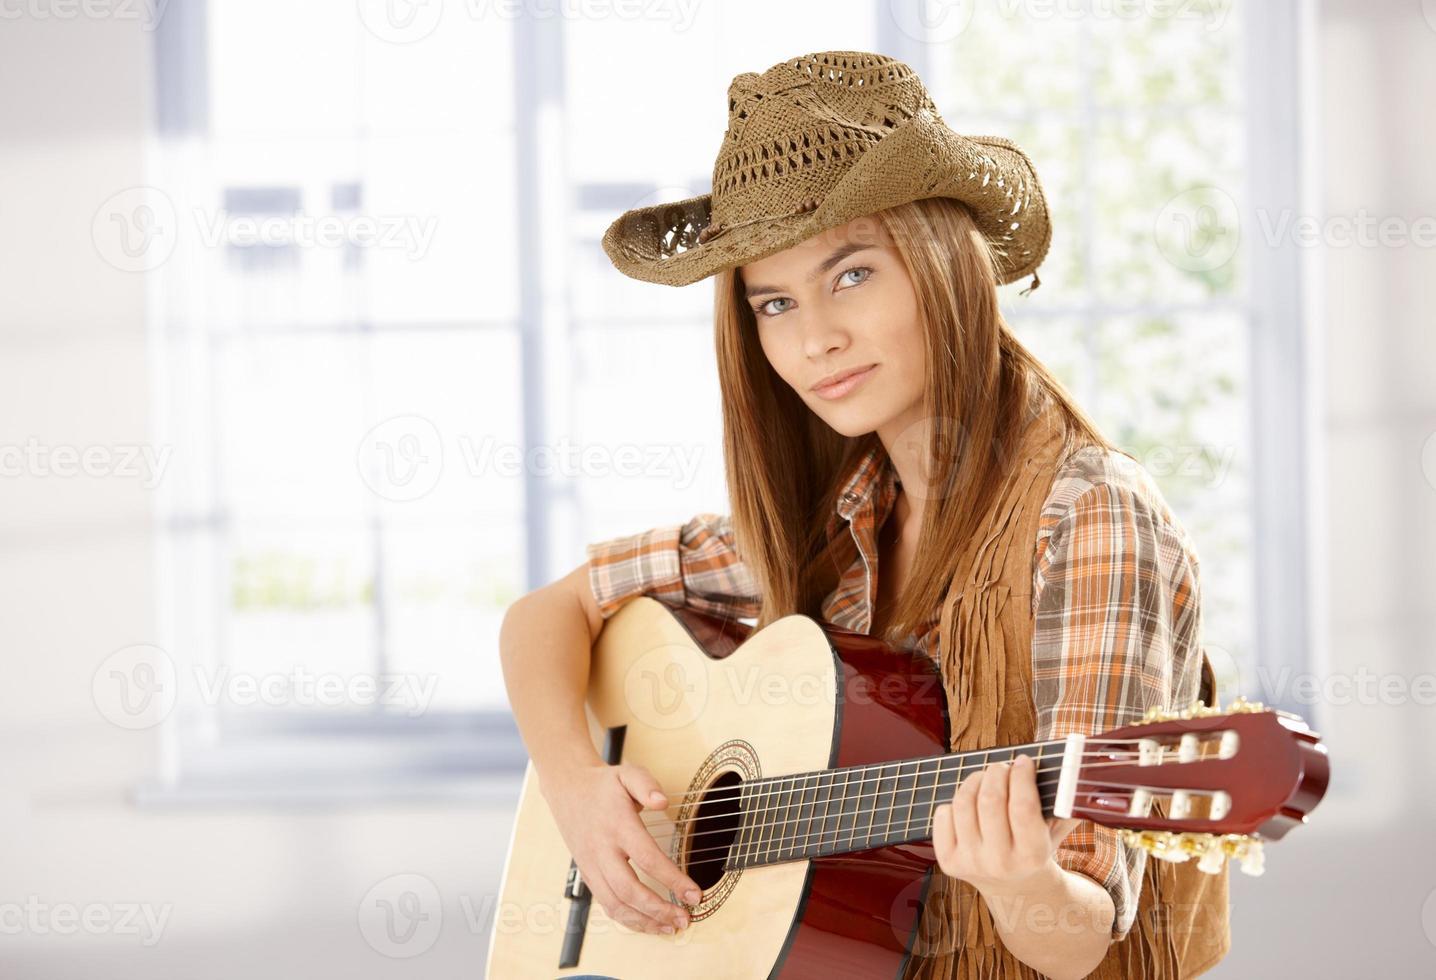 jovem fêmea tocando violão em estilo ocidental foto